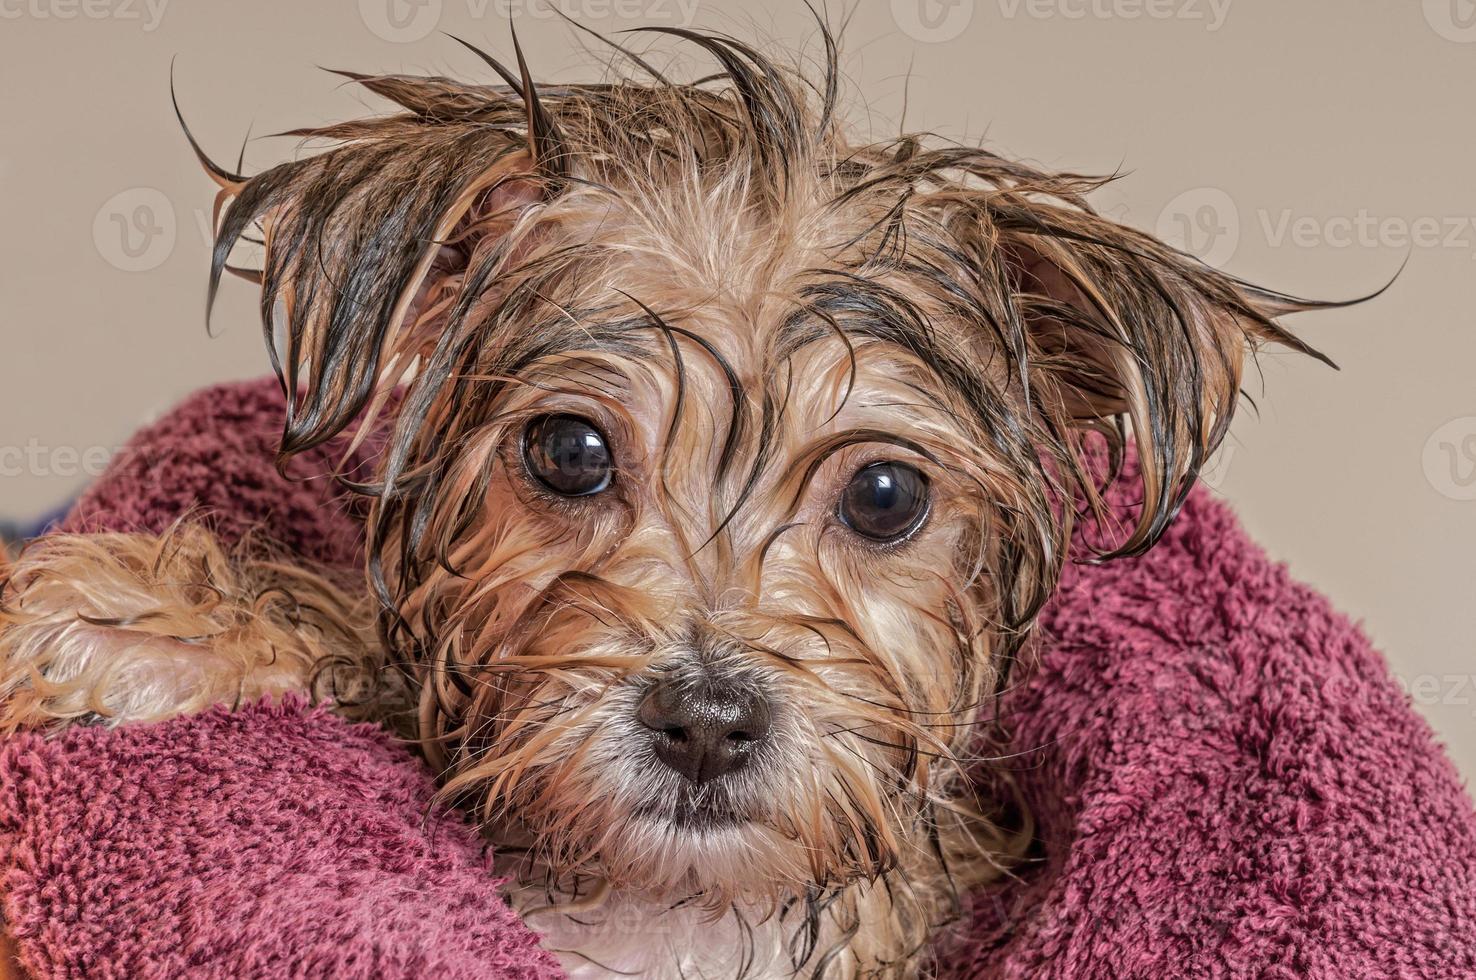 filhote ficando seco após o banho foto